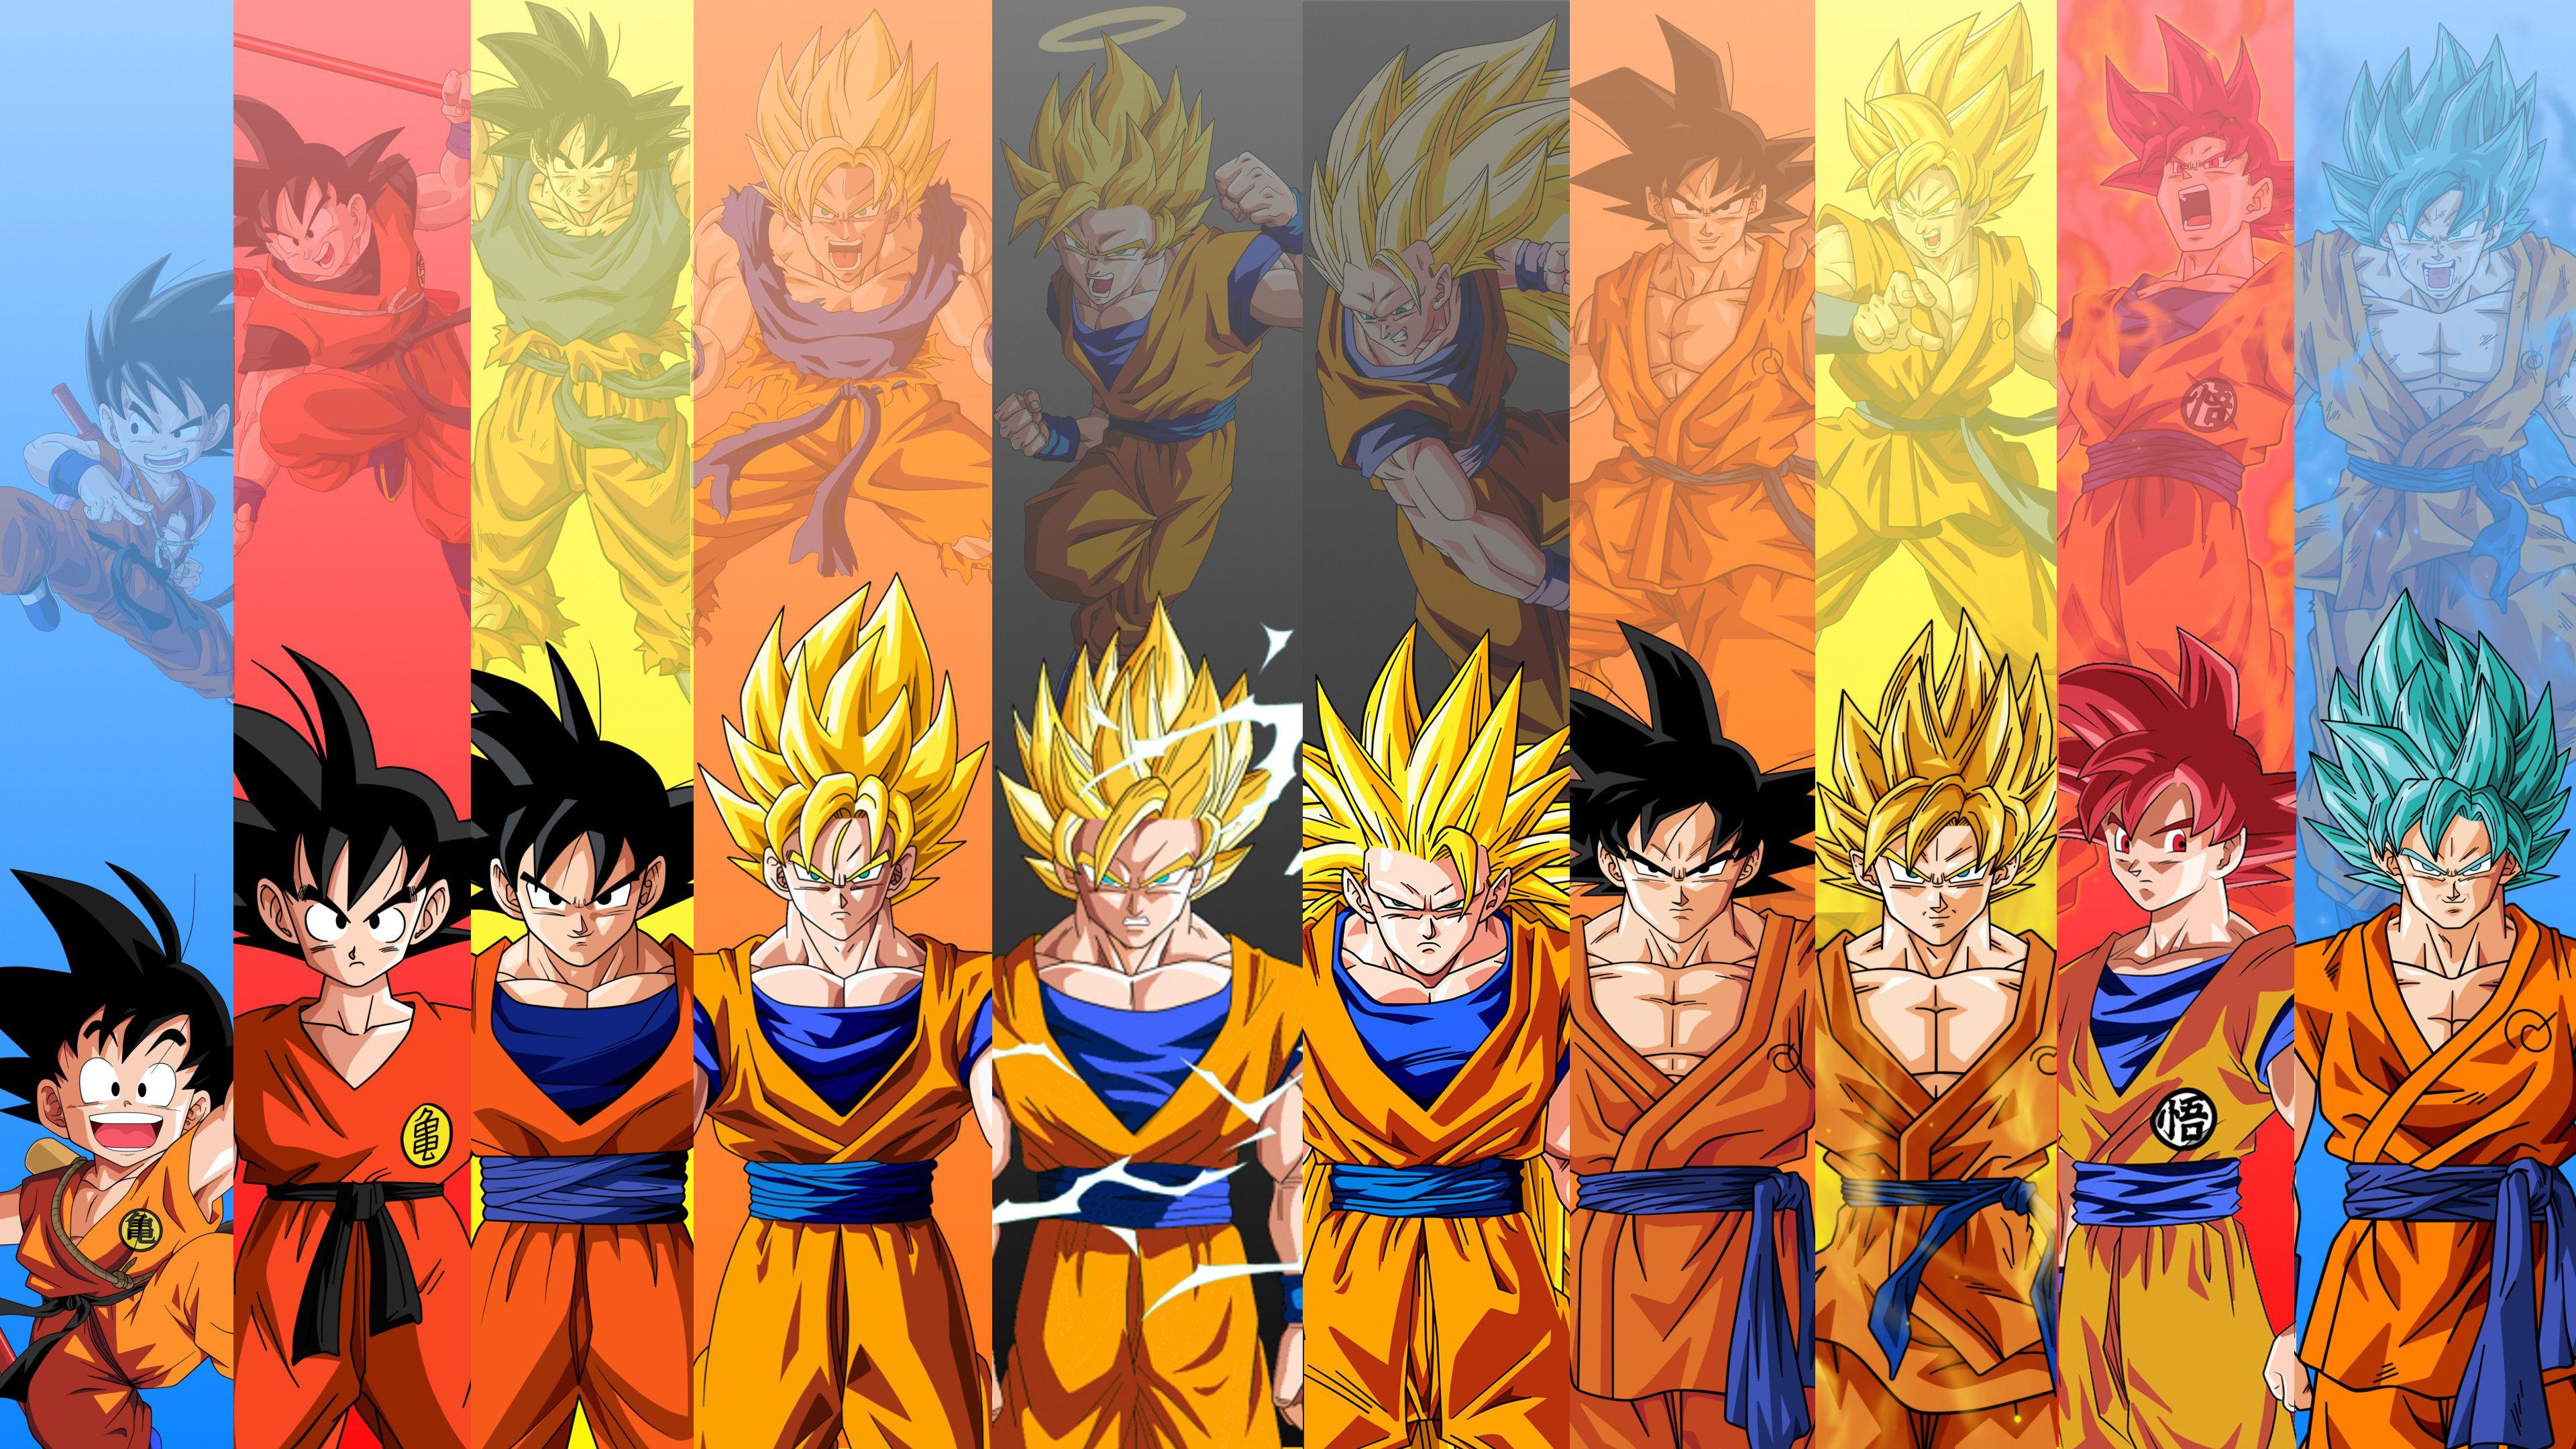 Goku Evolution Dragon Ball Wallpaper 1339 Themes